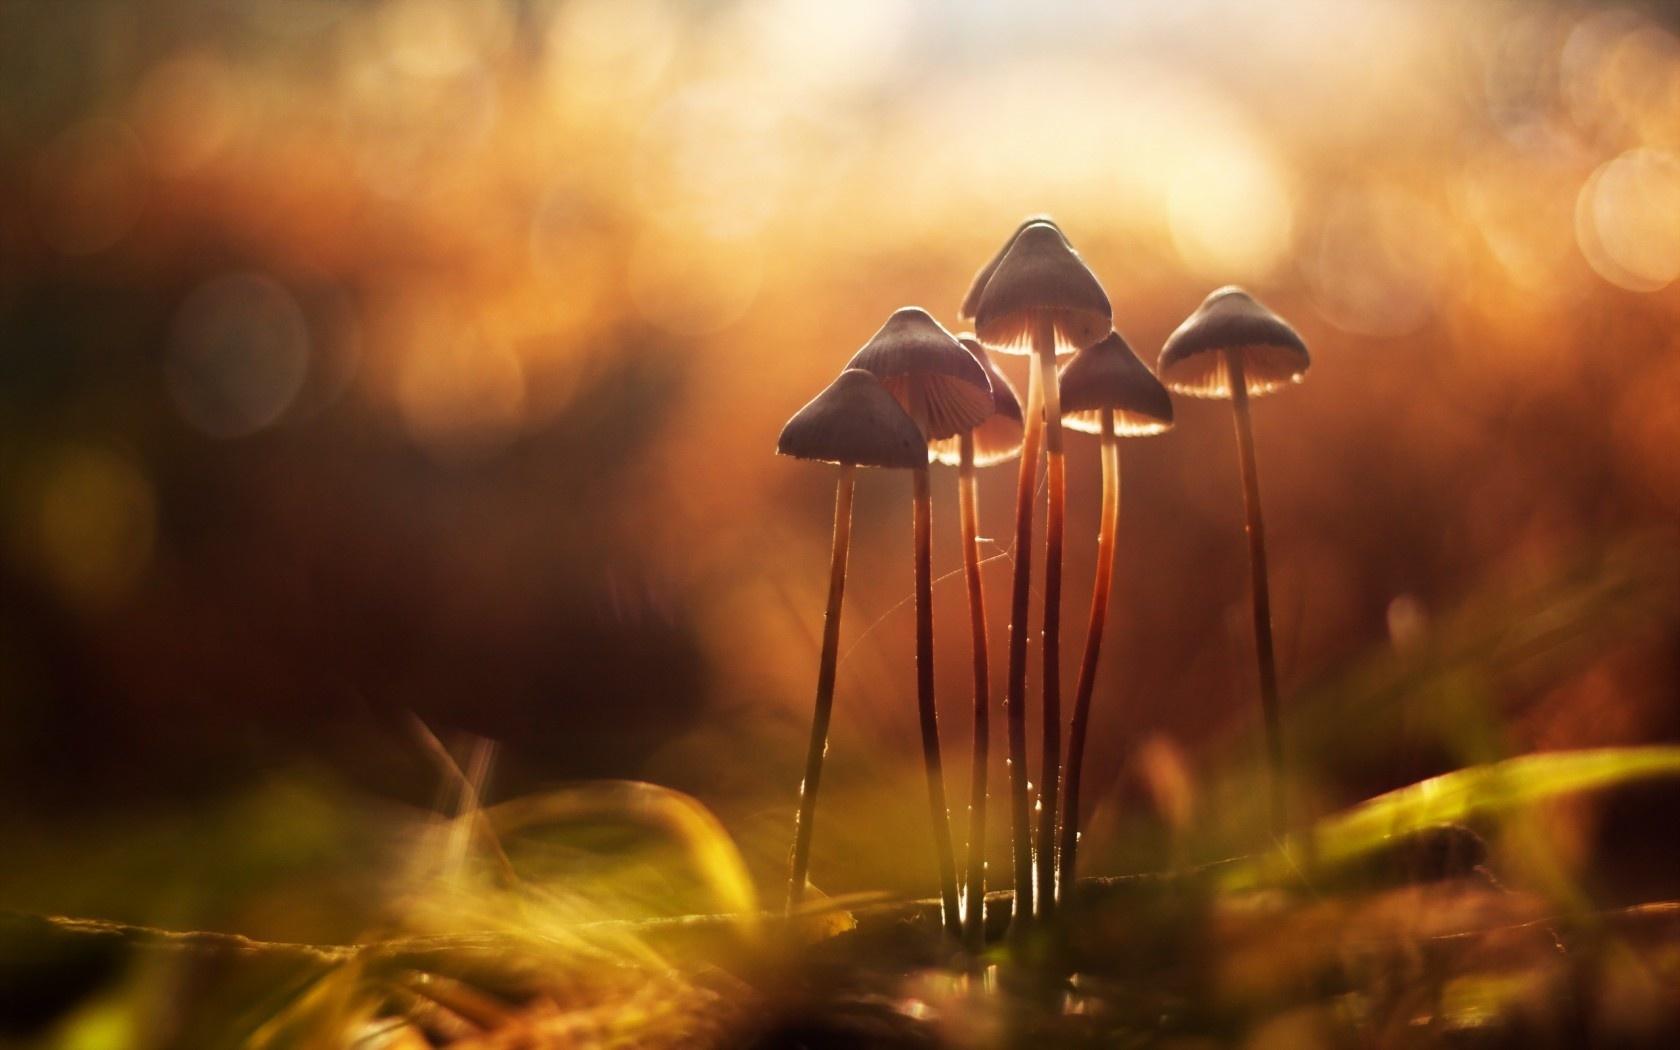 Картинки осень грибы на рабочий стол на весь экран (8)